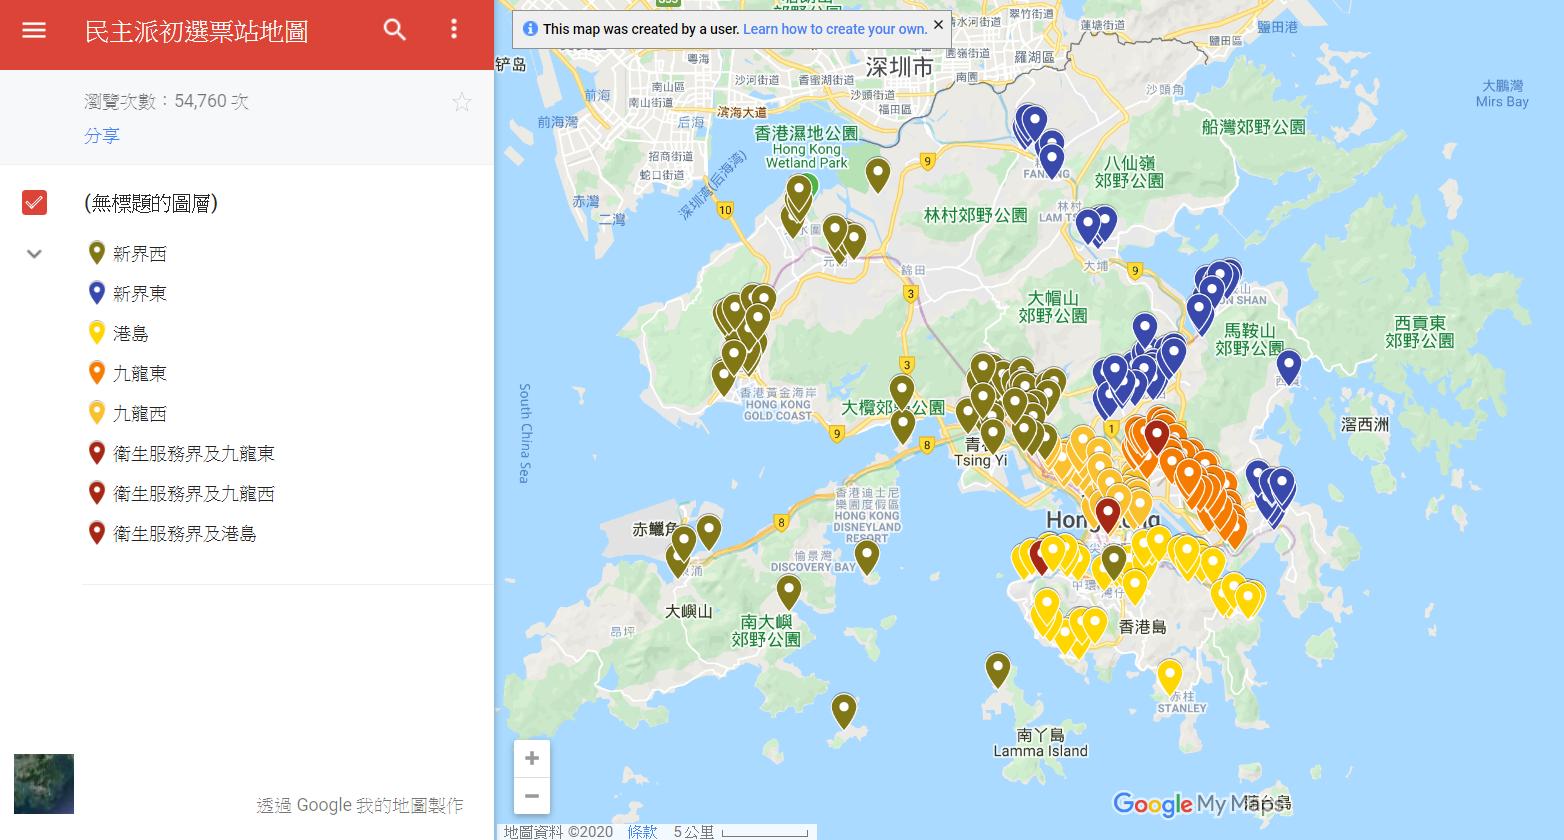 民主派將於周末(7月11、12 日)舉行初選投票的253個投票站分佈圖。(Google map)